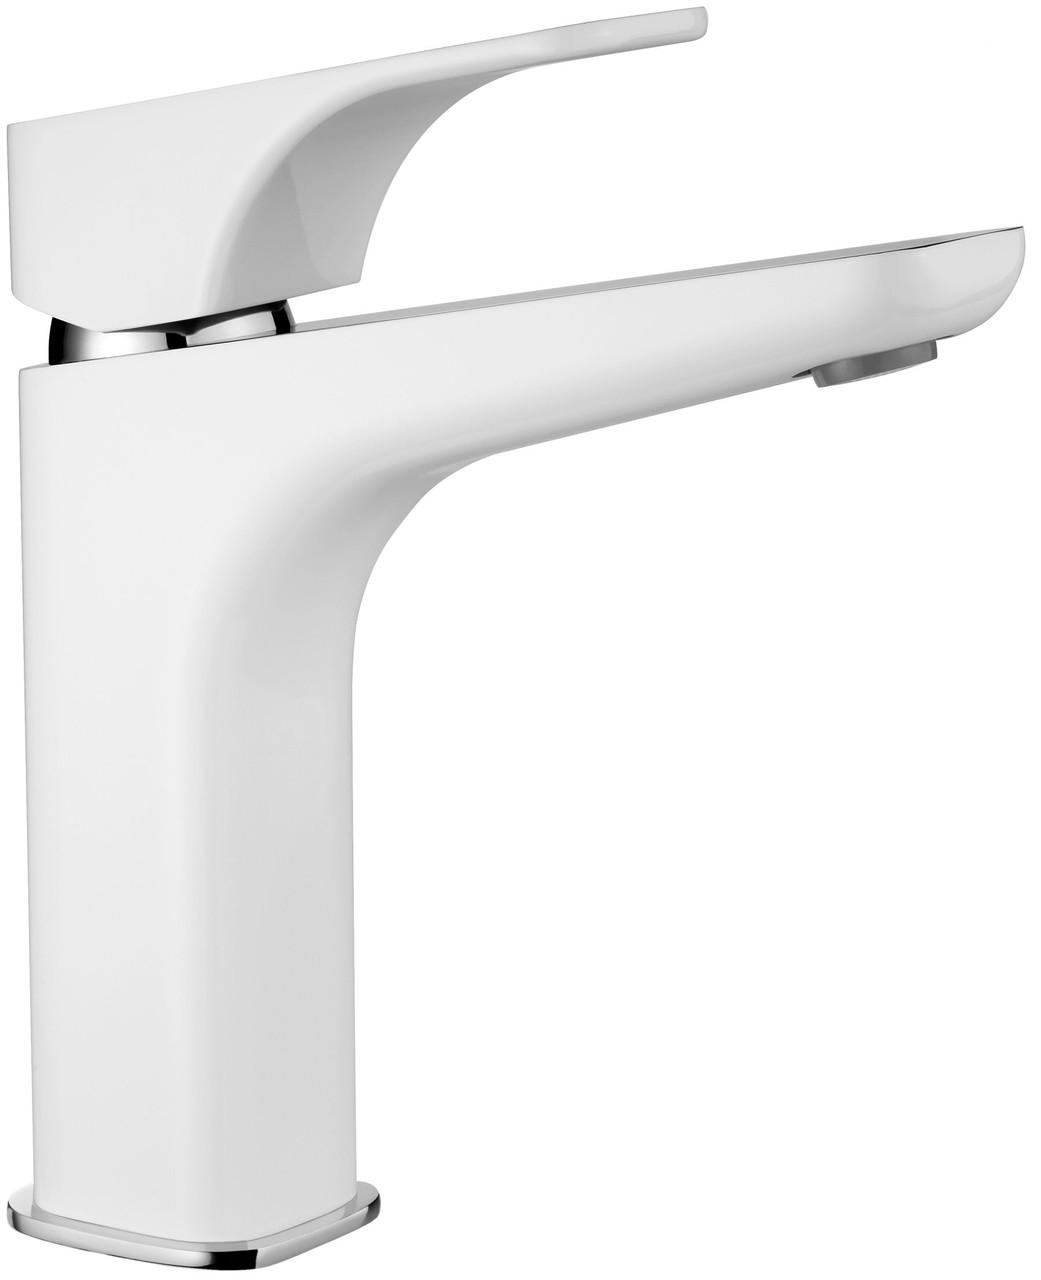 Смеситель для умывальника Deante HIACYNT с системой click-clack, высокий корпус, хром/белый